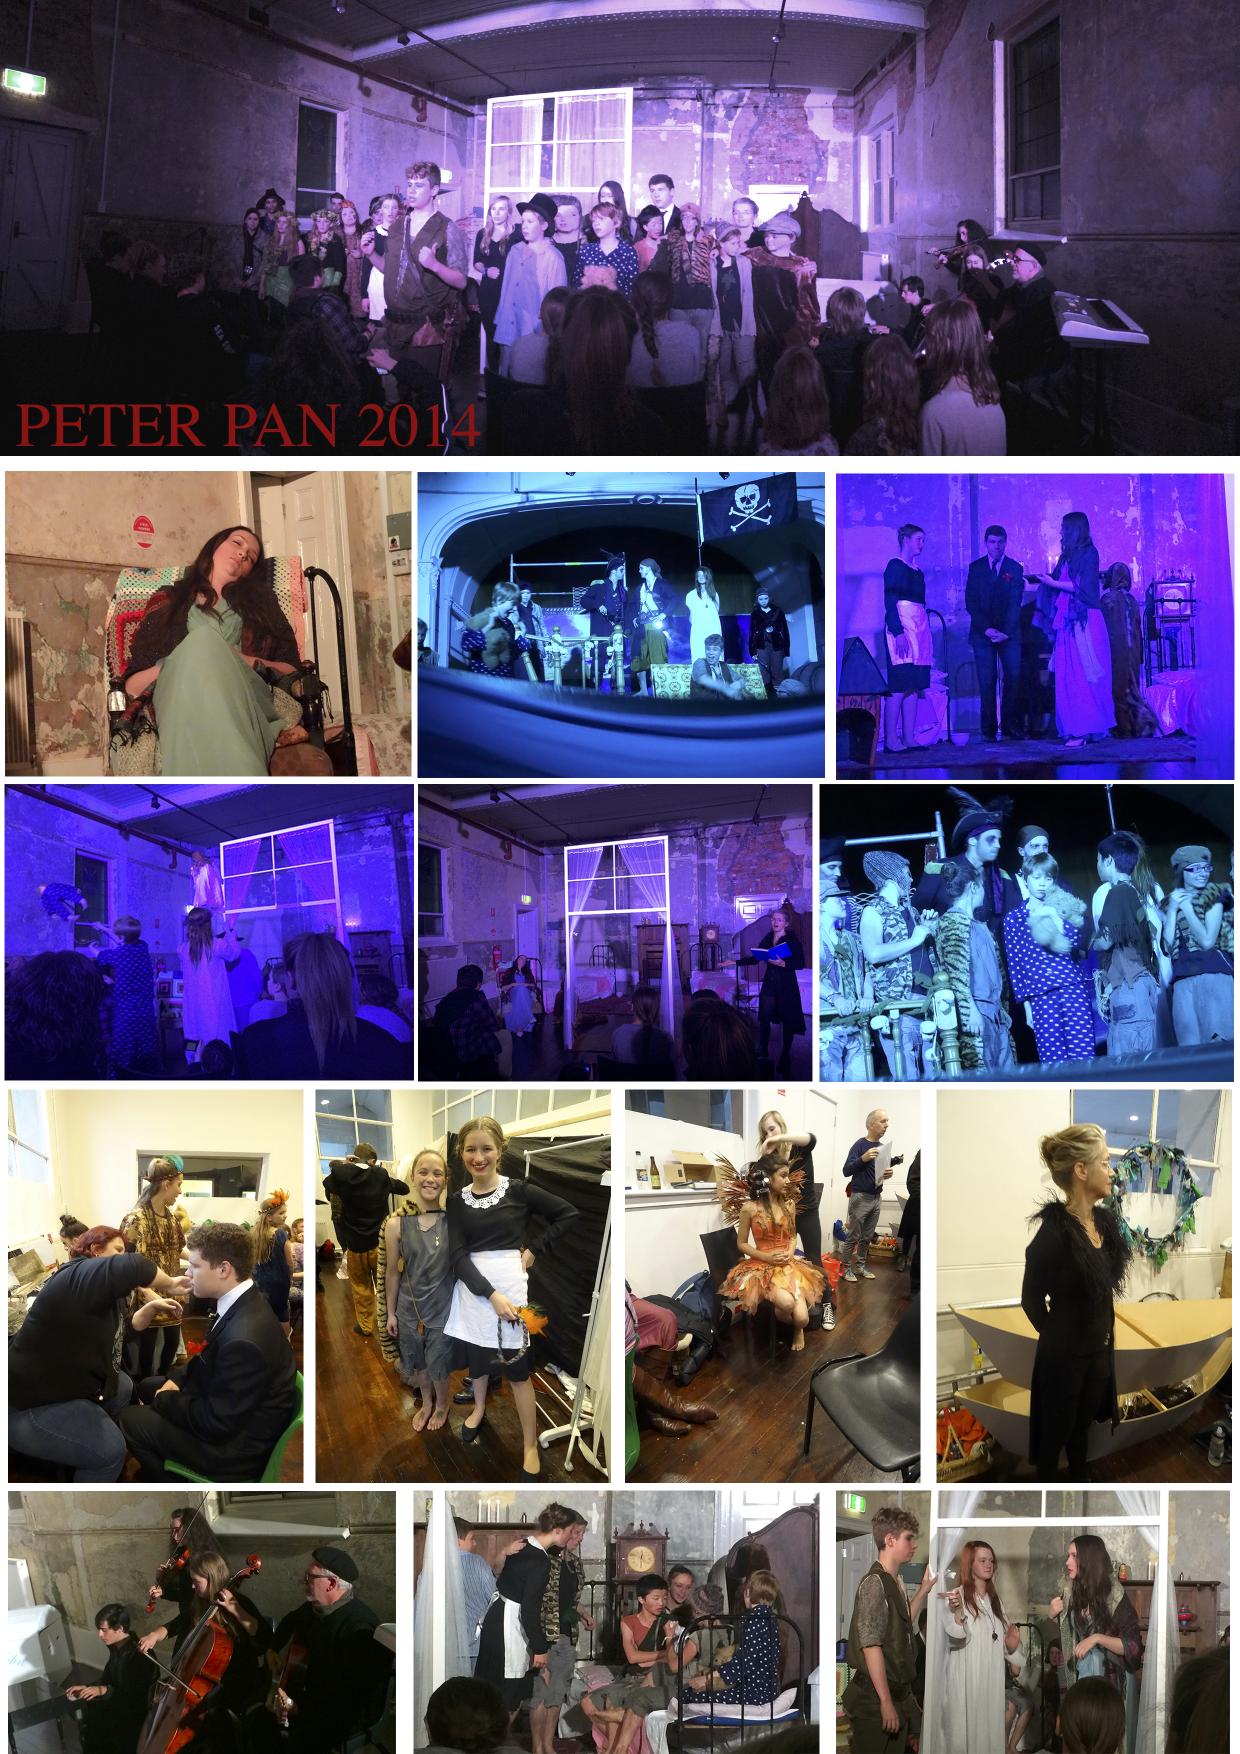 Peter Pan Production 2014